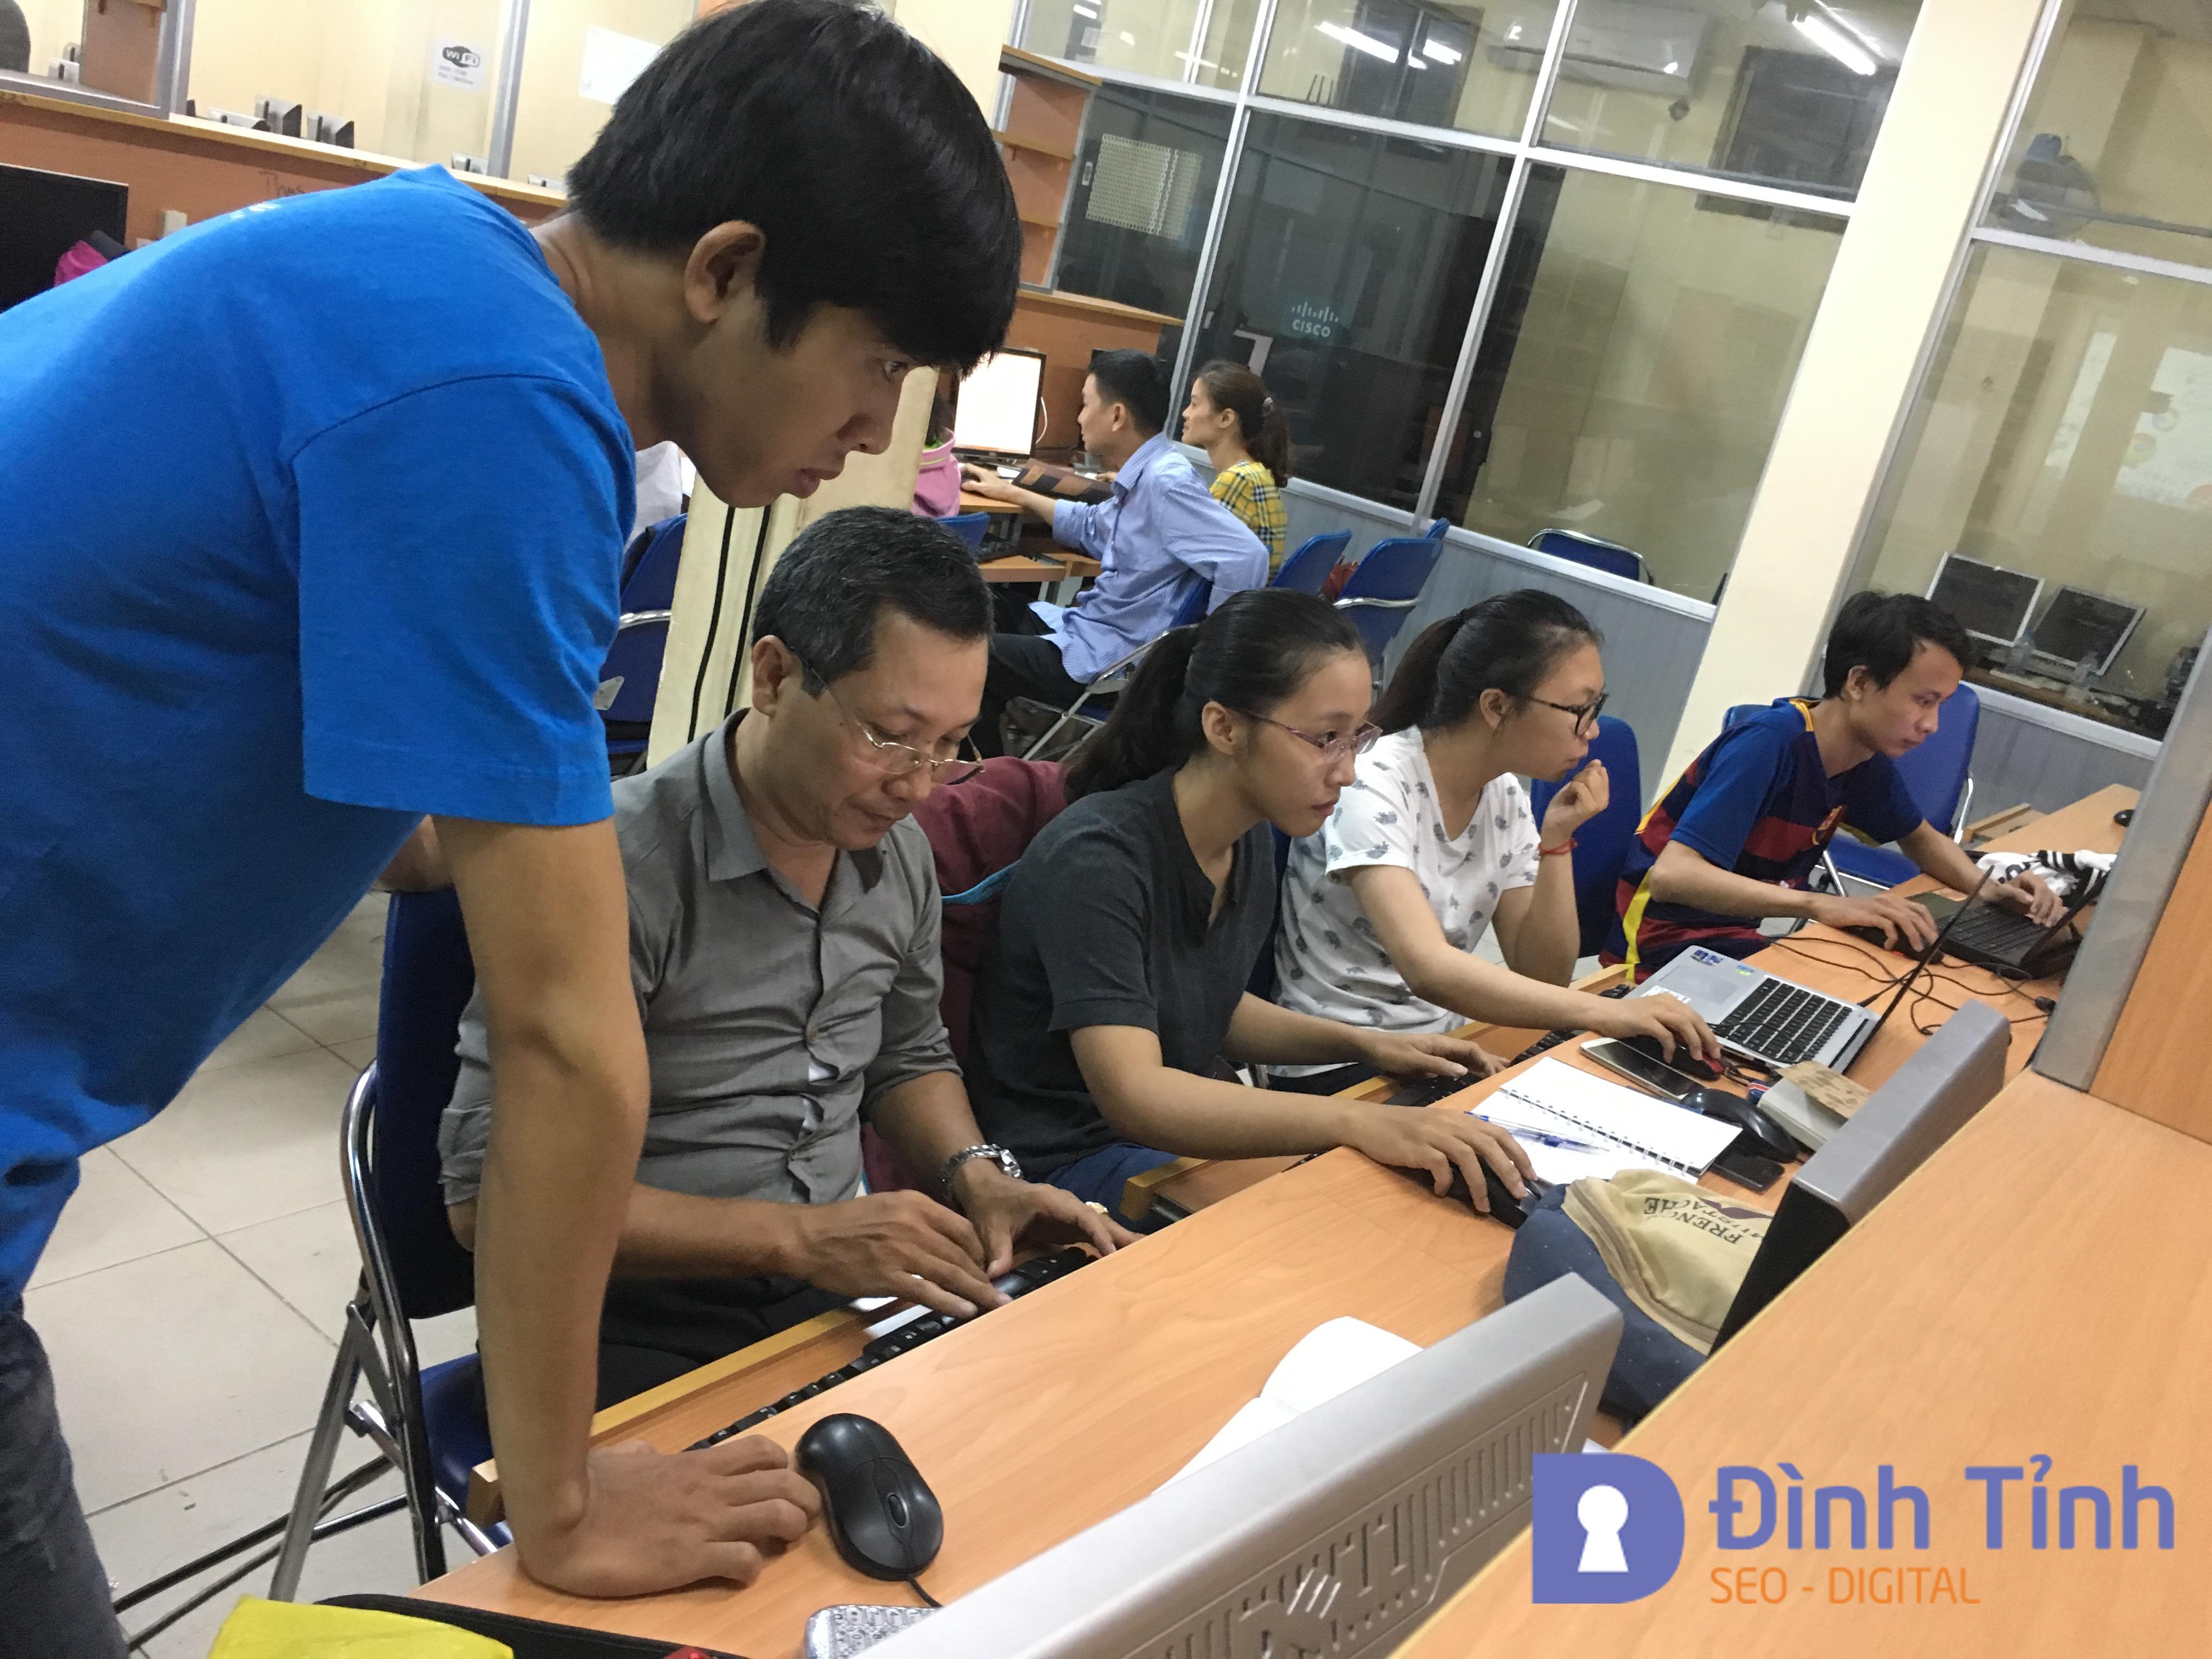 Hỗ trợ học viên thực hành tạo Website